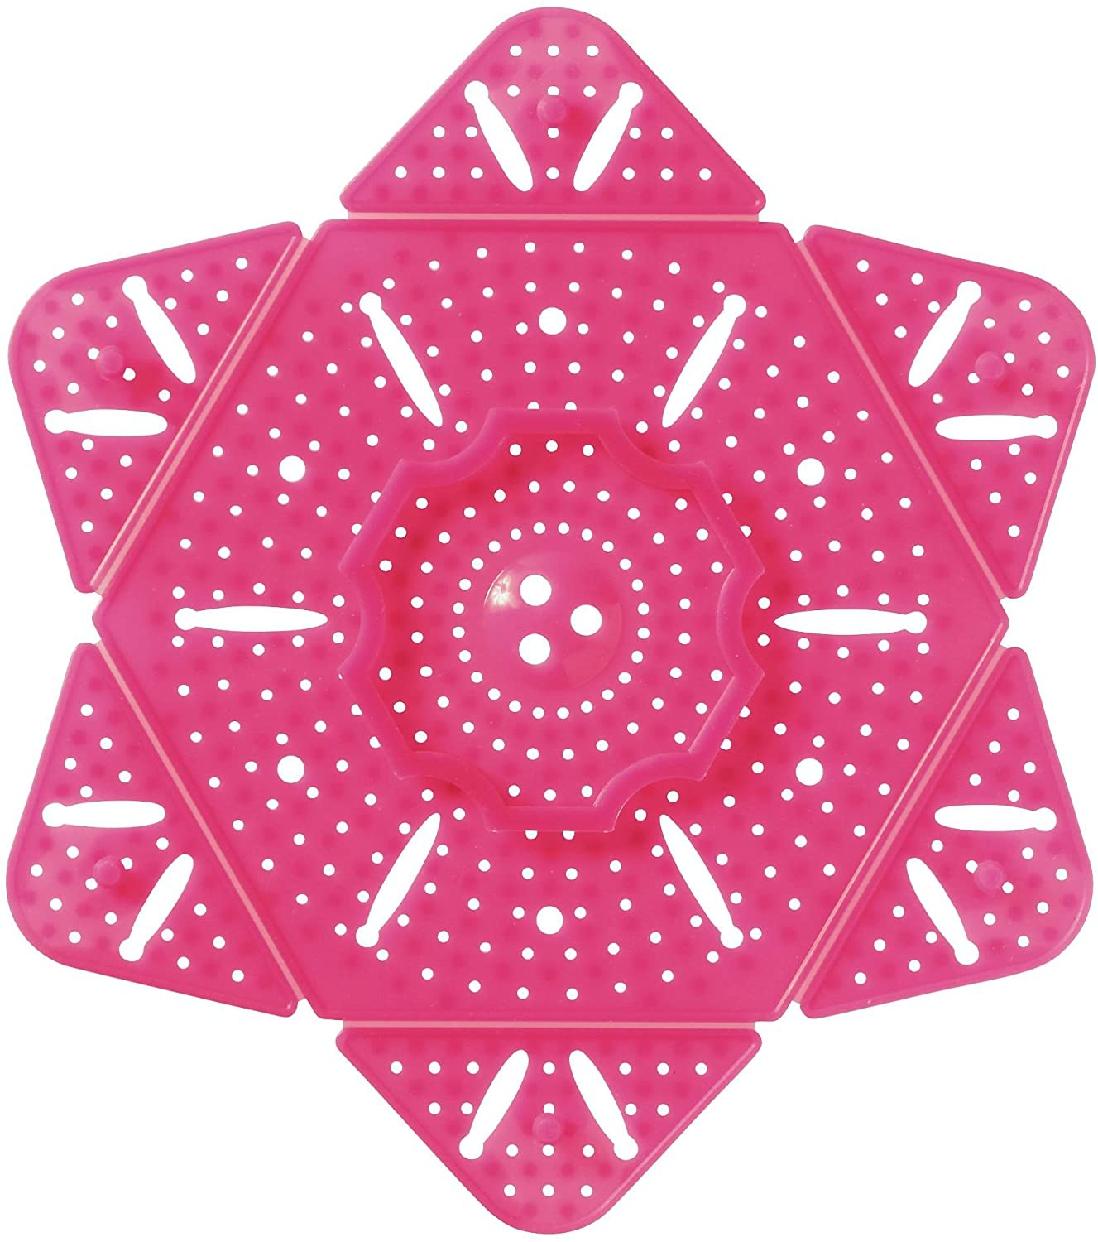 SUN FAMILY(サンファミリー)サンファミリー サイズが変わる あく取り落とし蓋 ピンクの商品画像8